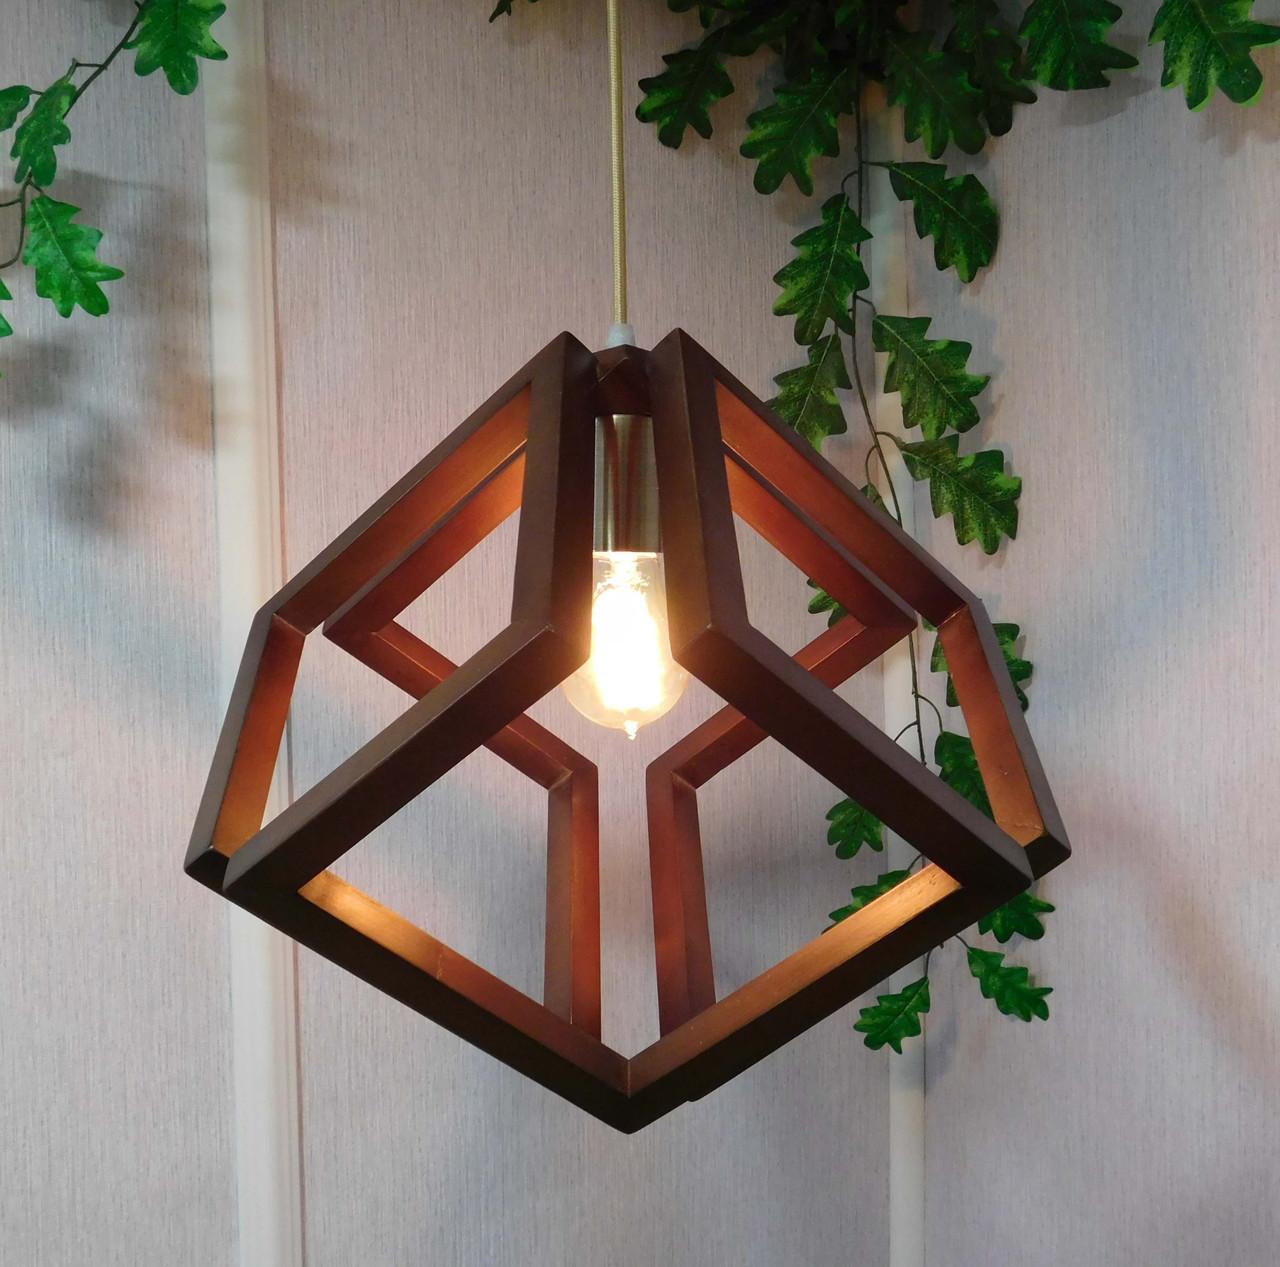 Подвесной светильник из первосортного дерева, современный стиль, бесконечный контур квадрата